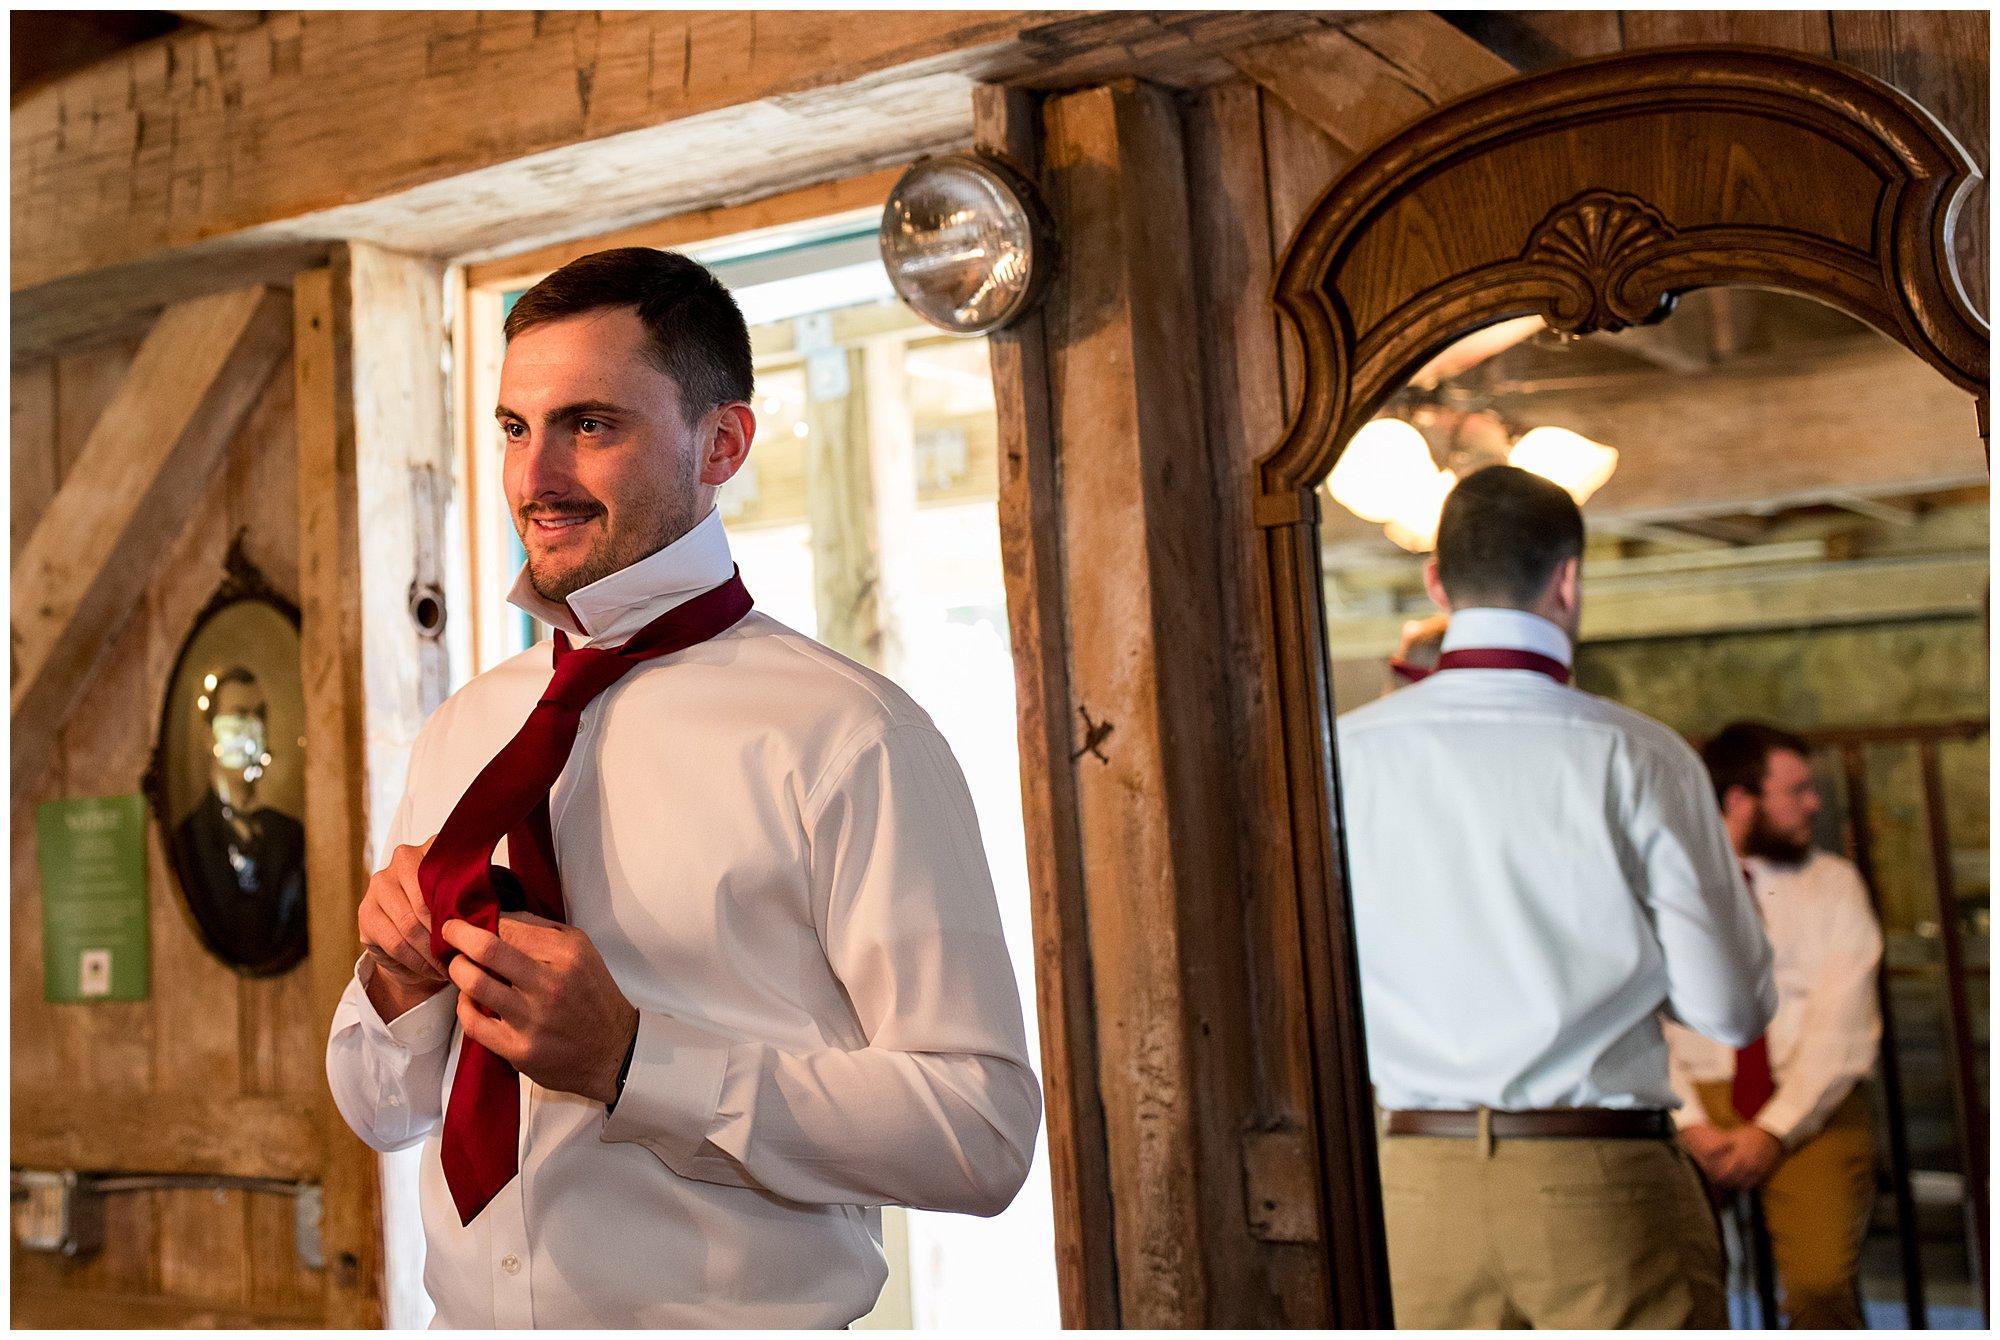 groom getting ready for wedding at Legacy Barn in Kokomo